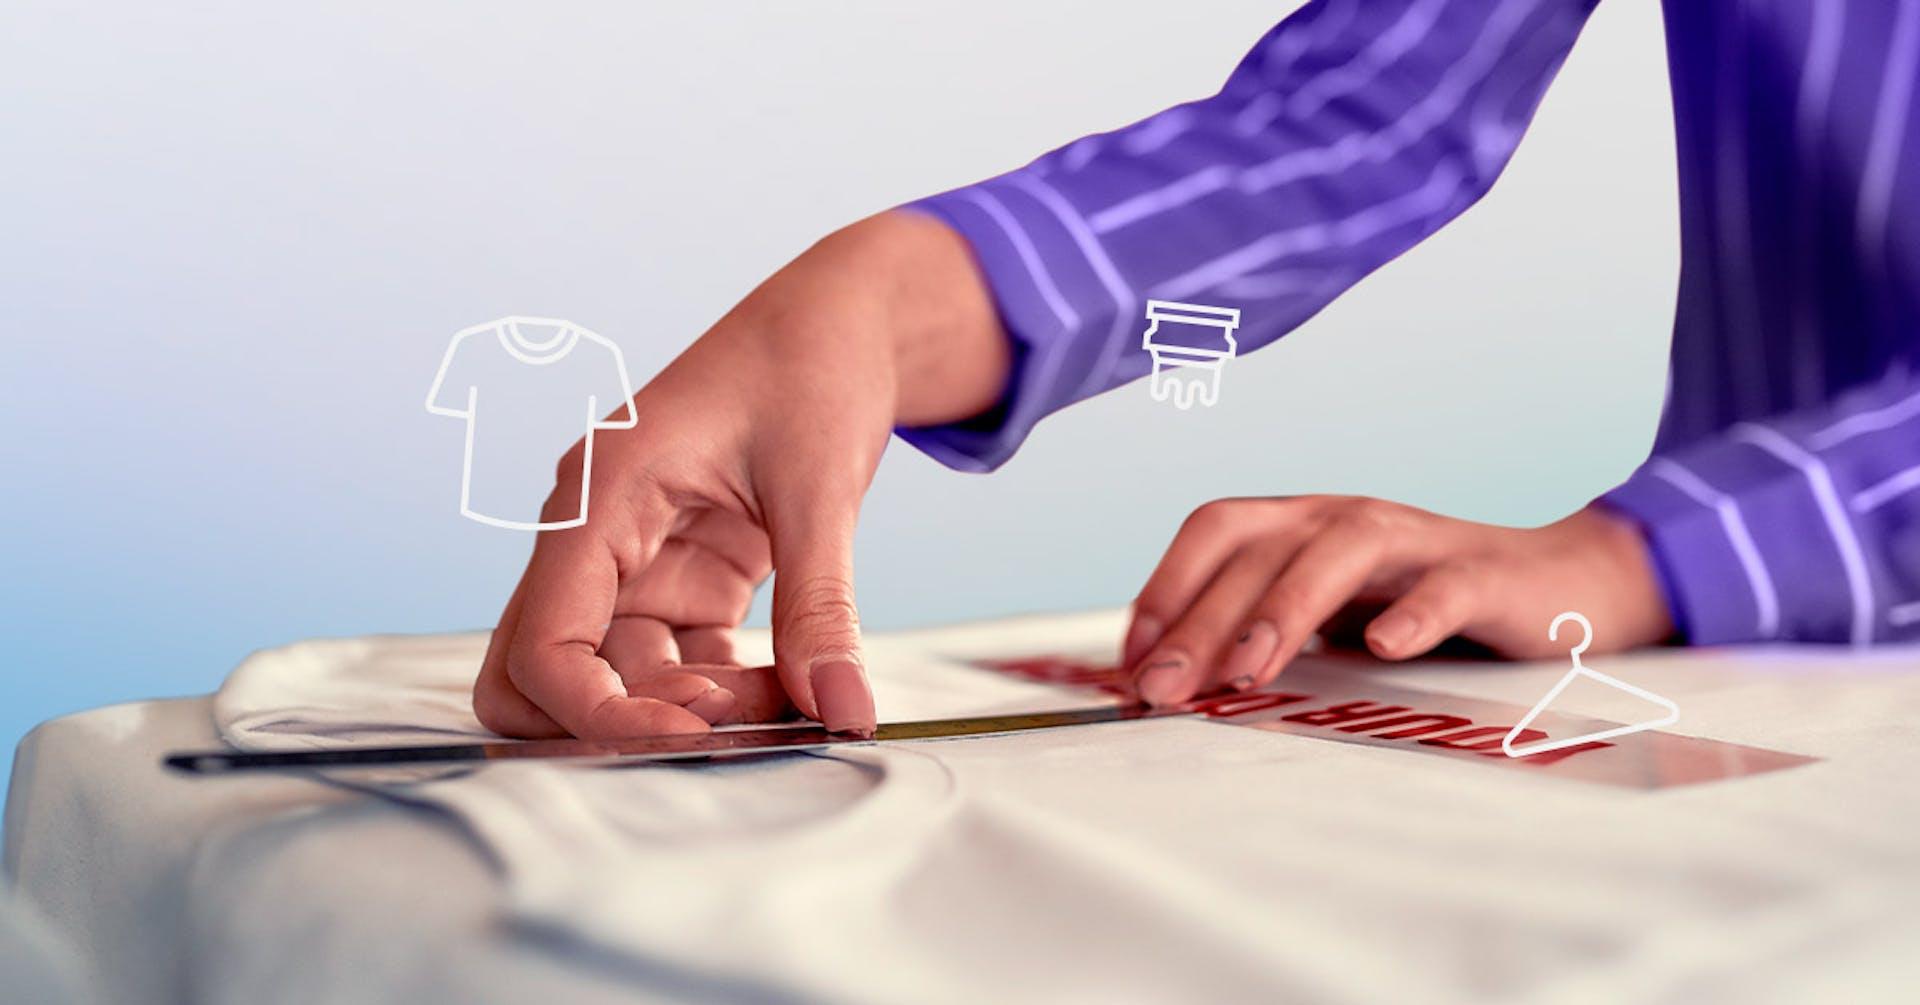 ¿Cómo hacer serigrafía textil?: estampa camisetas en casa